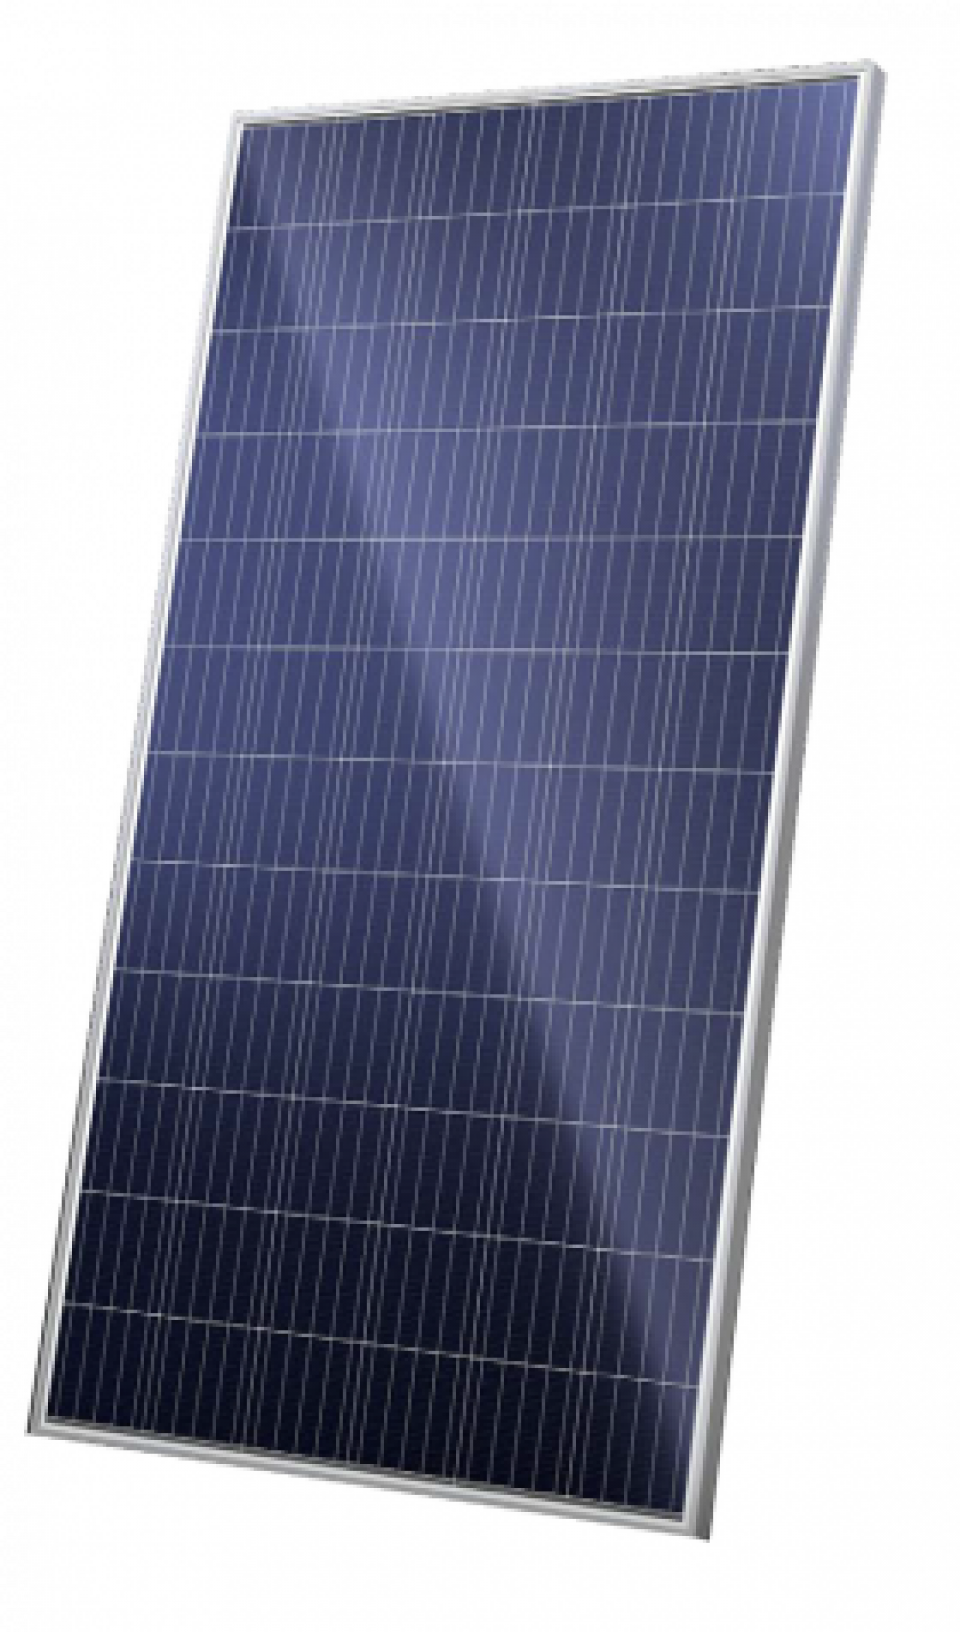 Panouri fotovoltaice policristaline37718